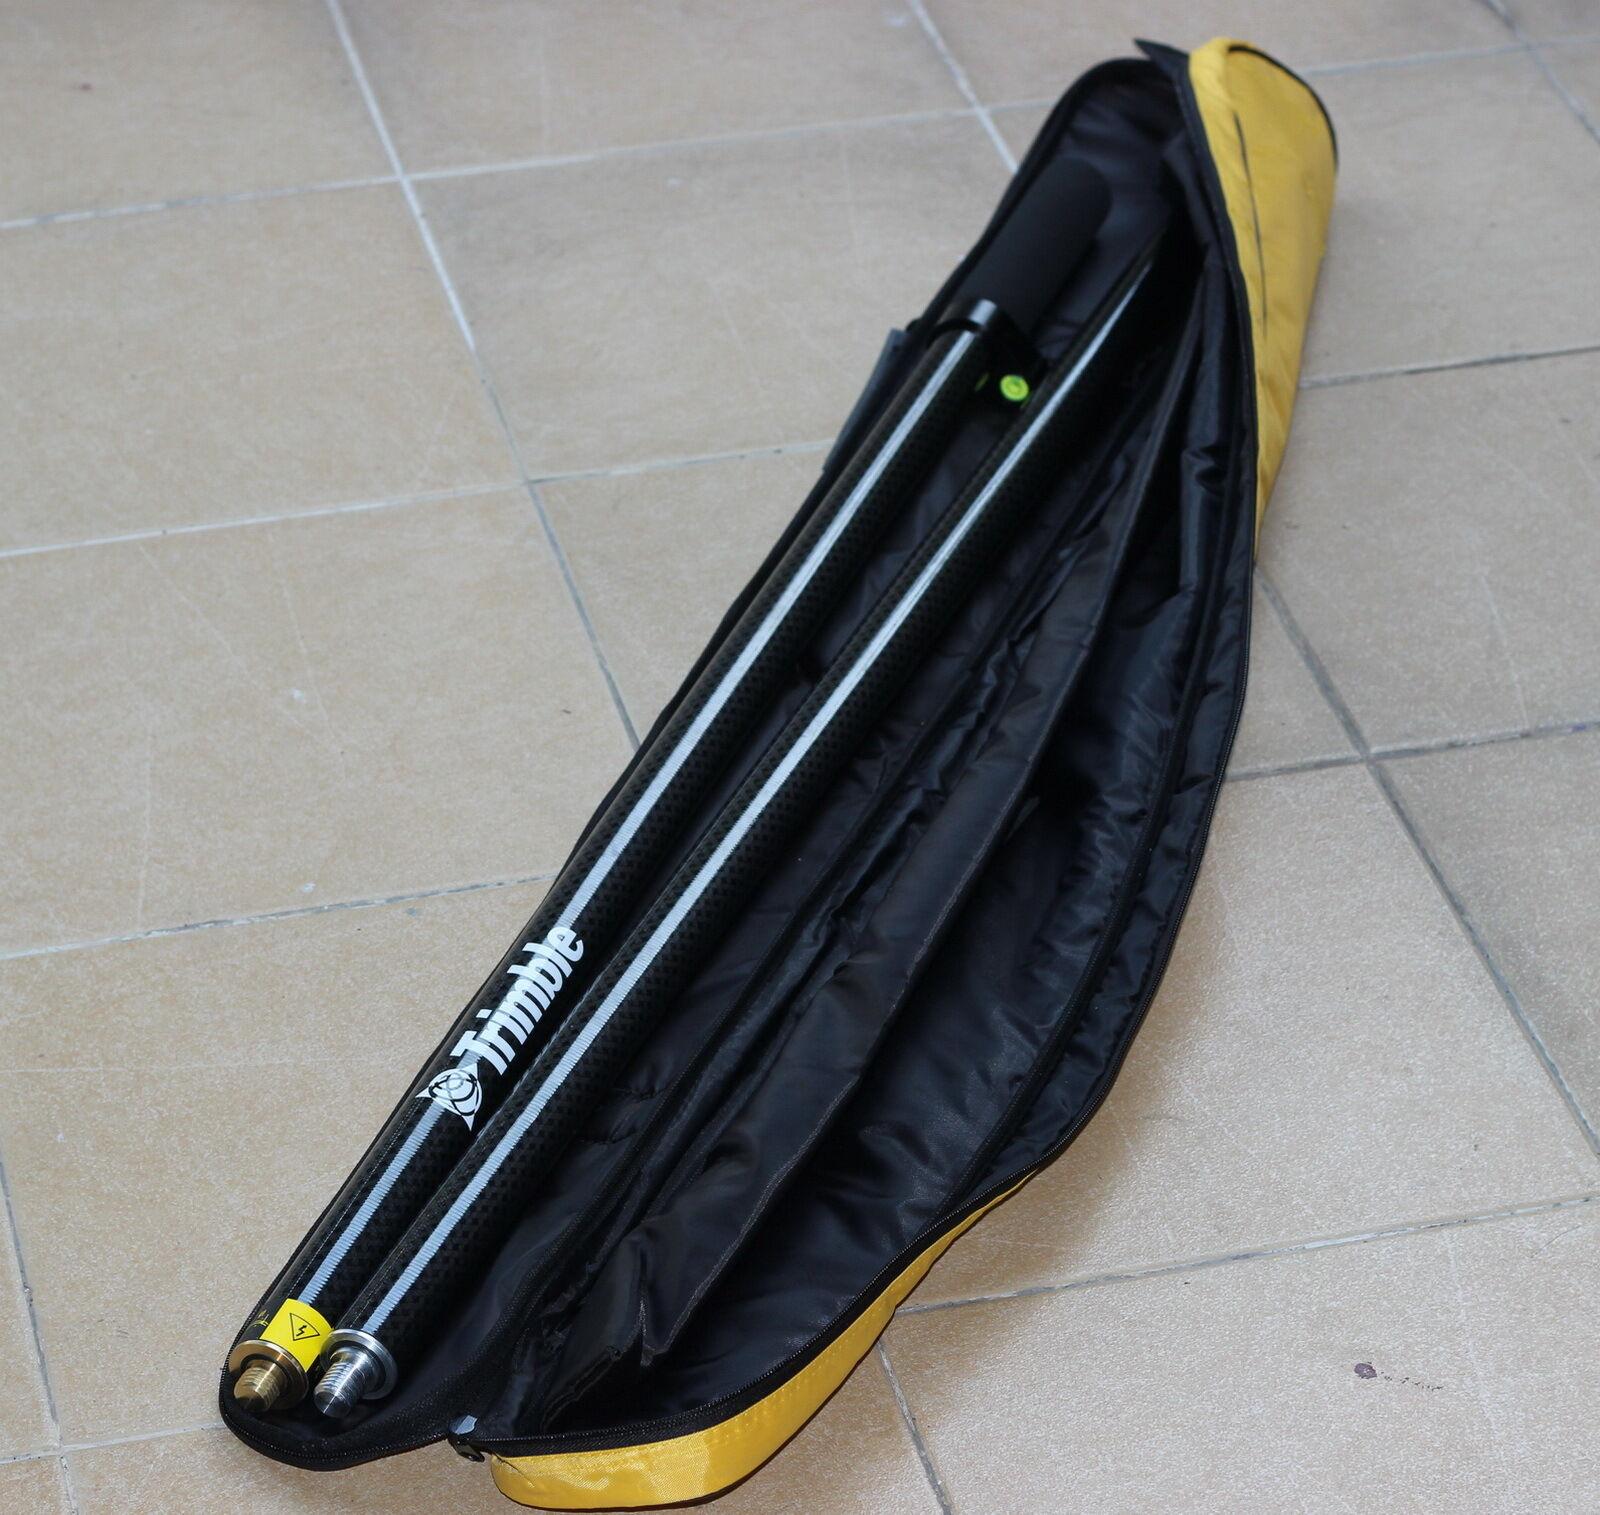 NOVA 2M seções Costura pólo vara de carbono de Fibra de Carbono com 2 fit Trimble GPS